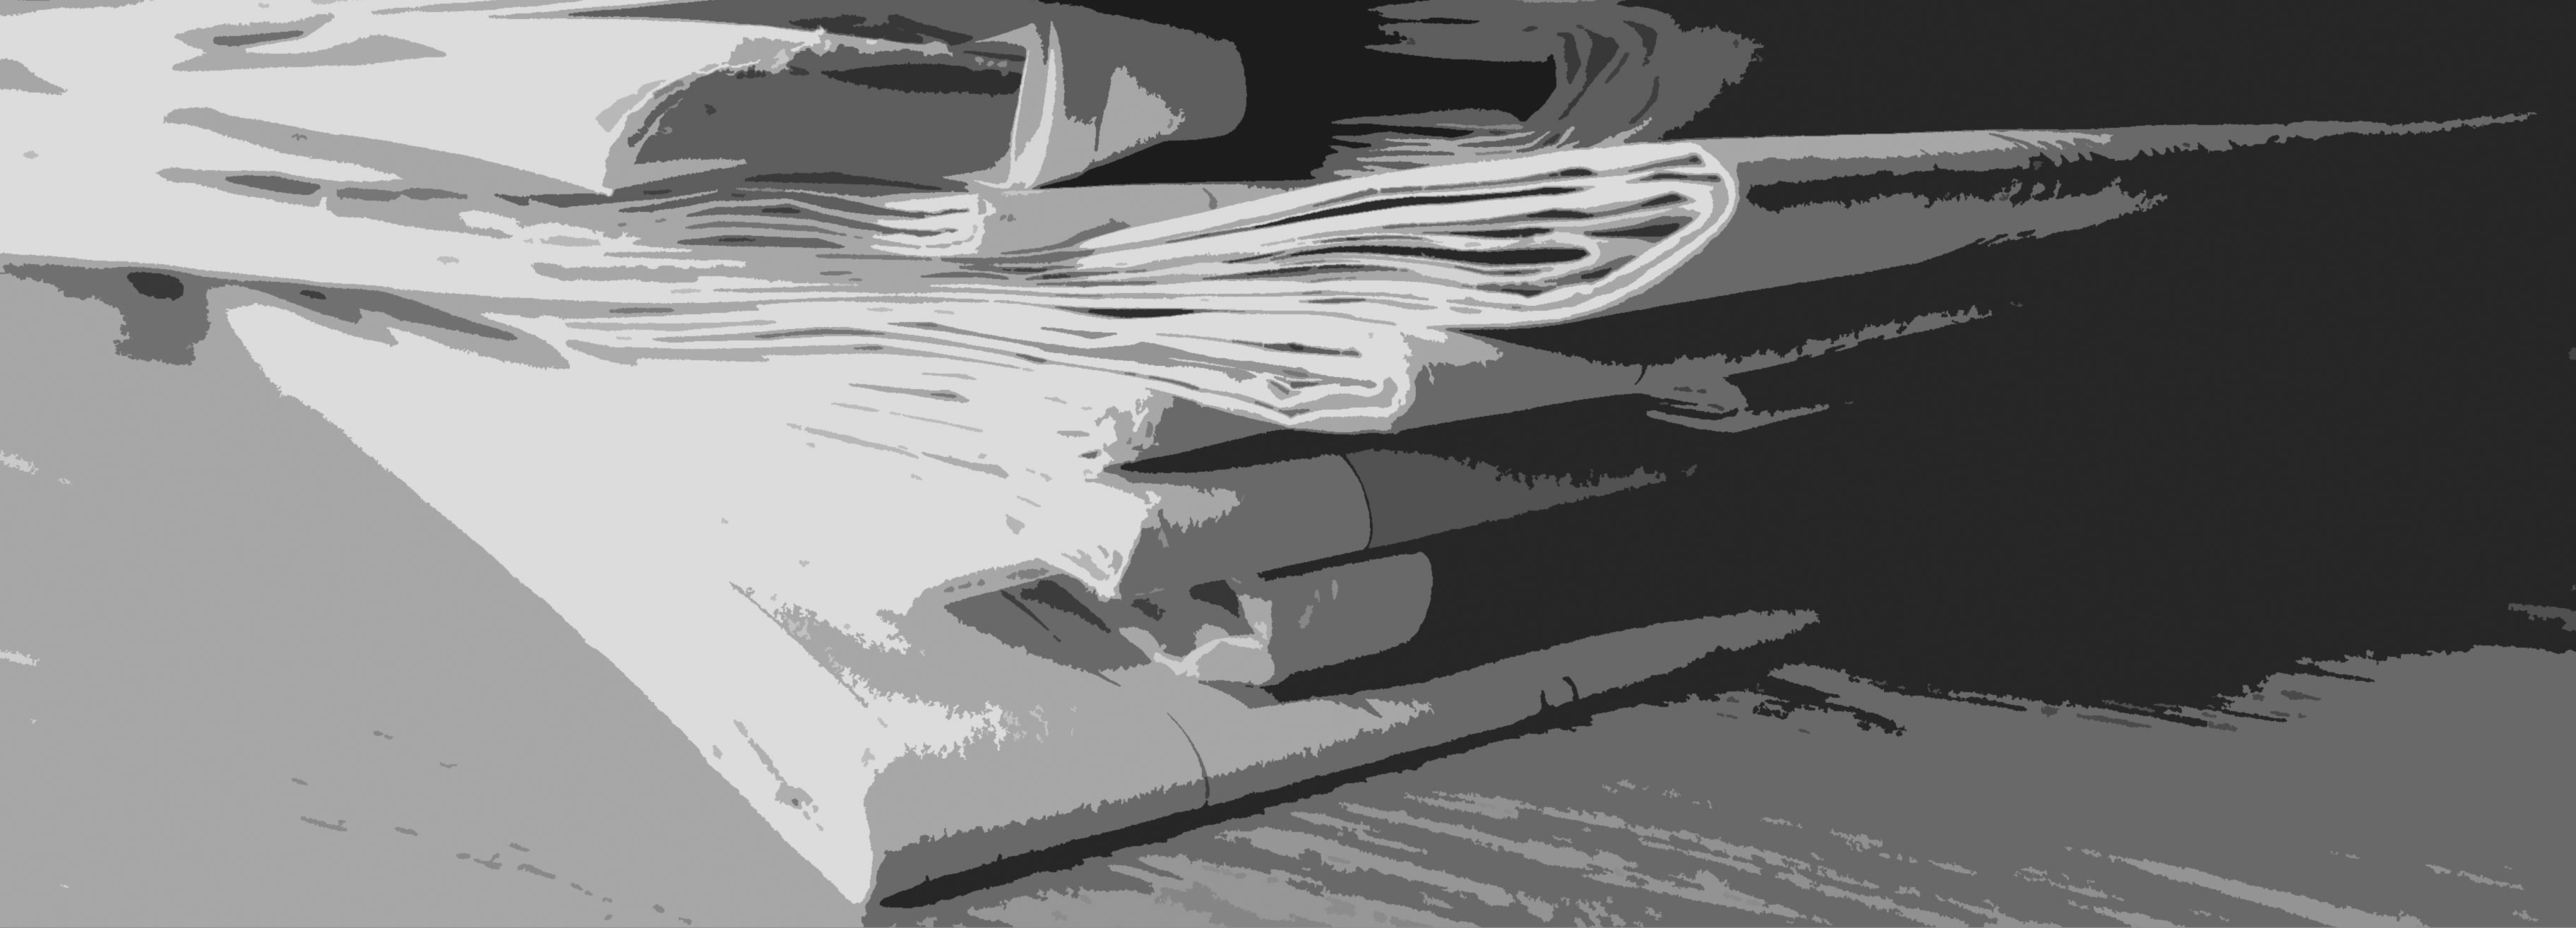 Zeitungsstapel | Bild: Martin Krauß